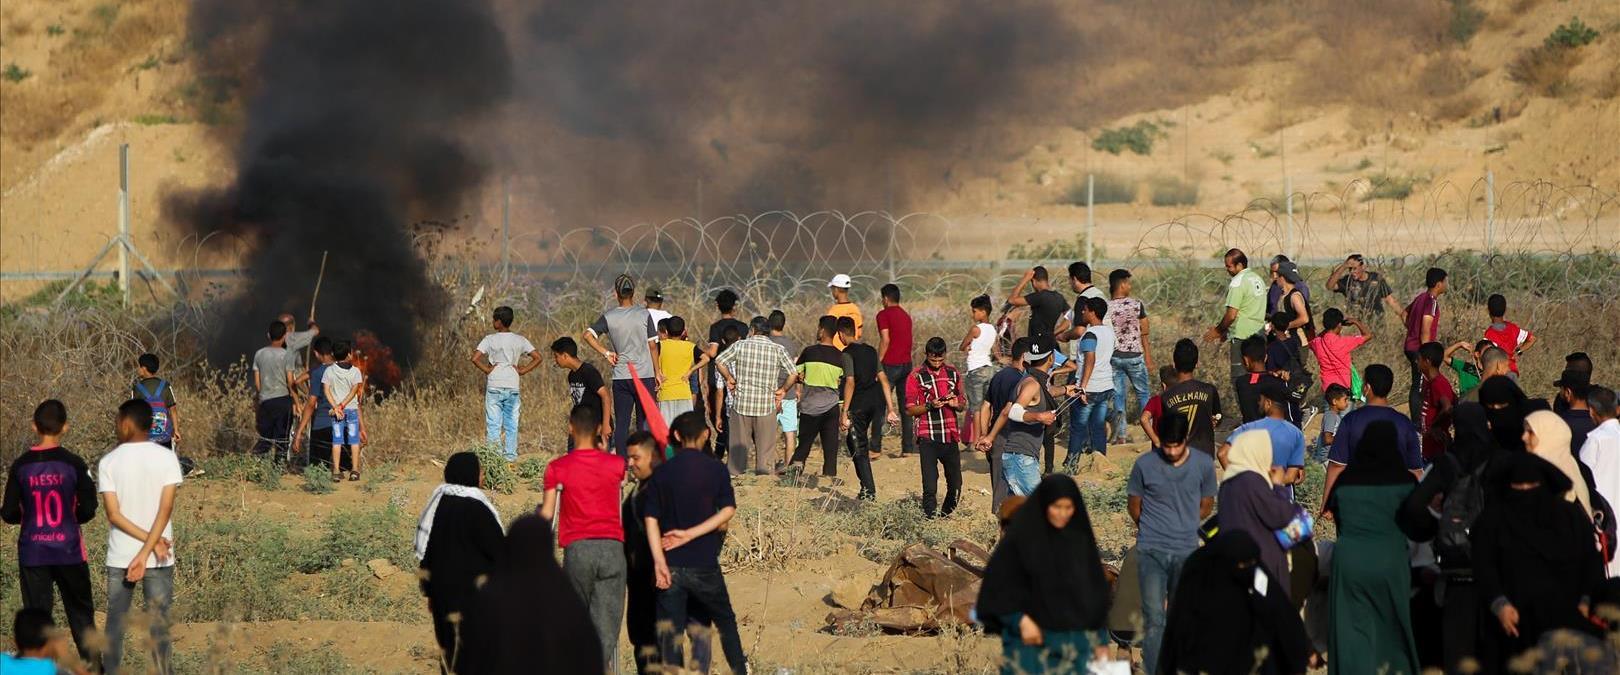 הפרות סדר בגבול ישראל-עזה